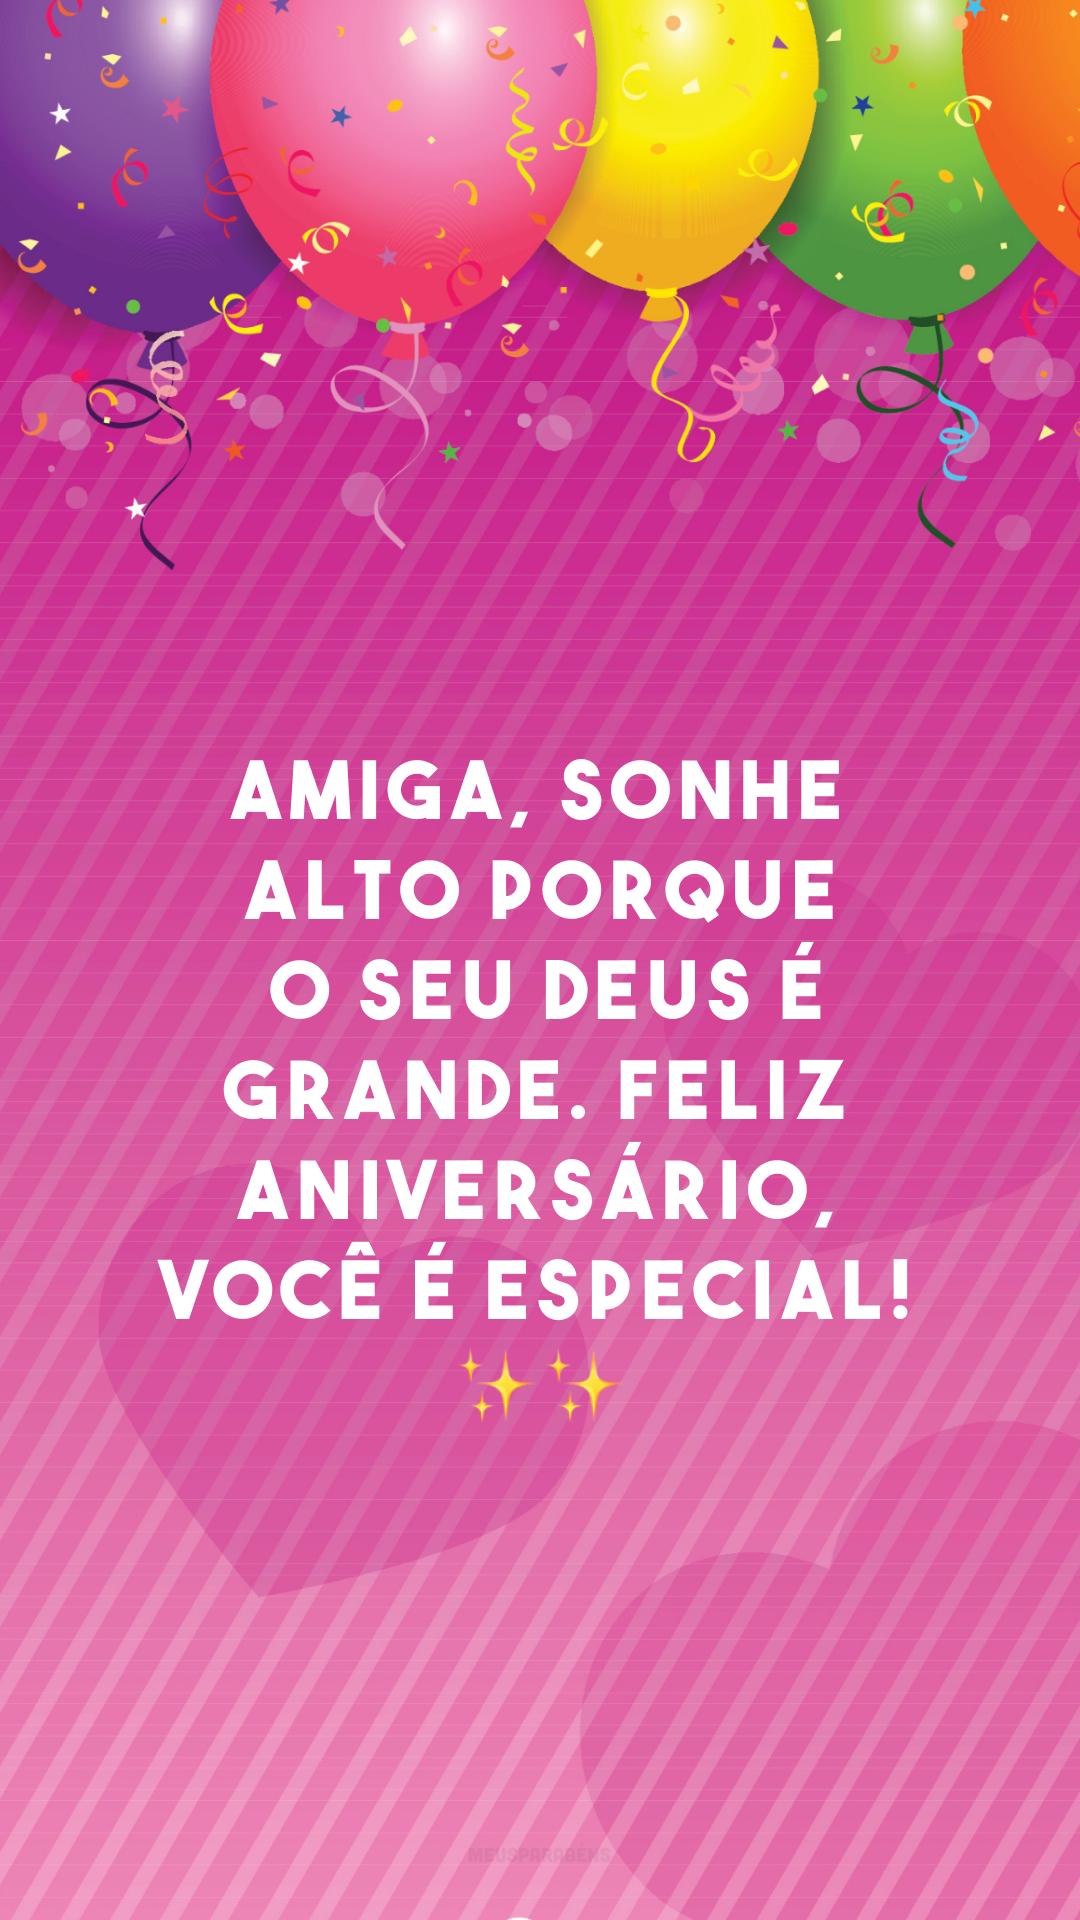 Amiga, sonhe alto porque o seu Deus é grande. Feliz aniversário, você é especial! ✨✨